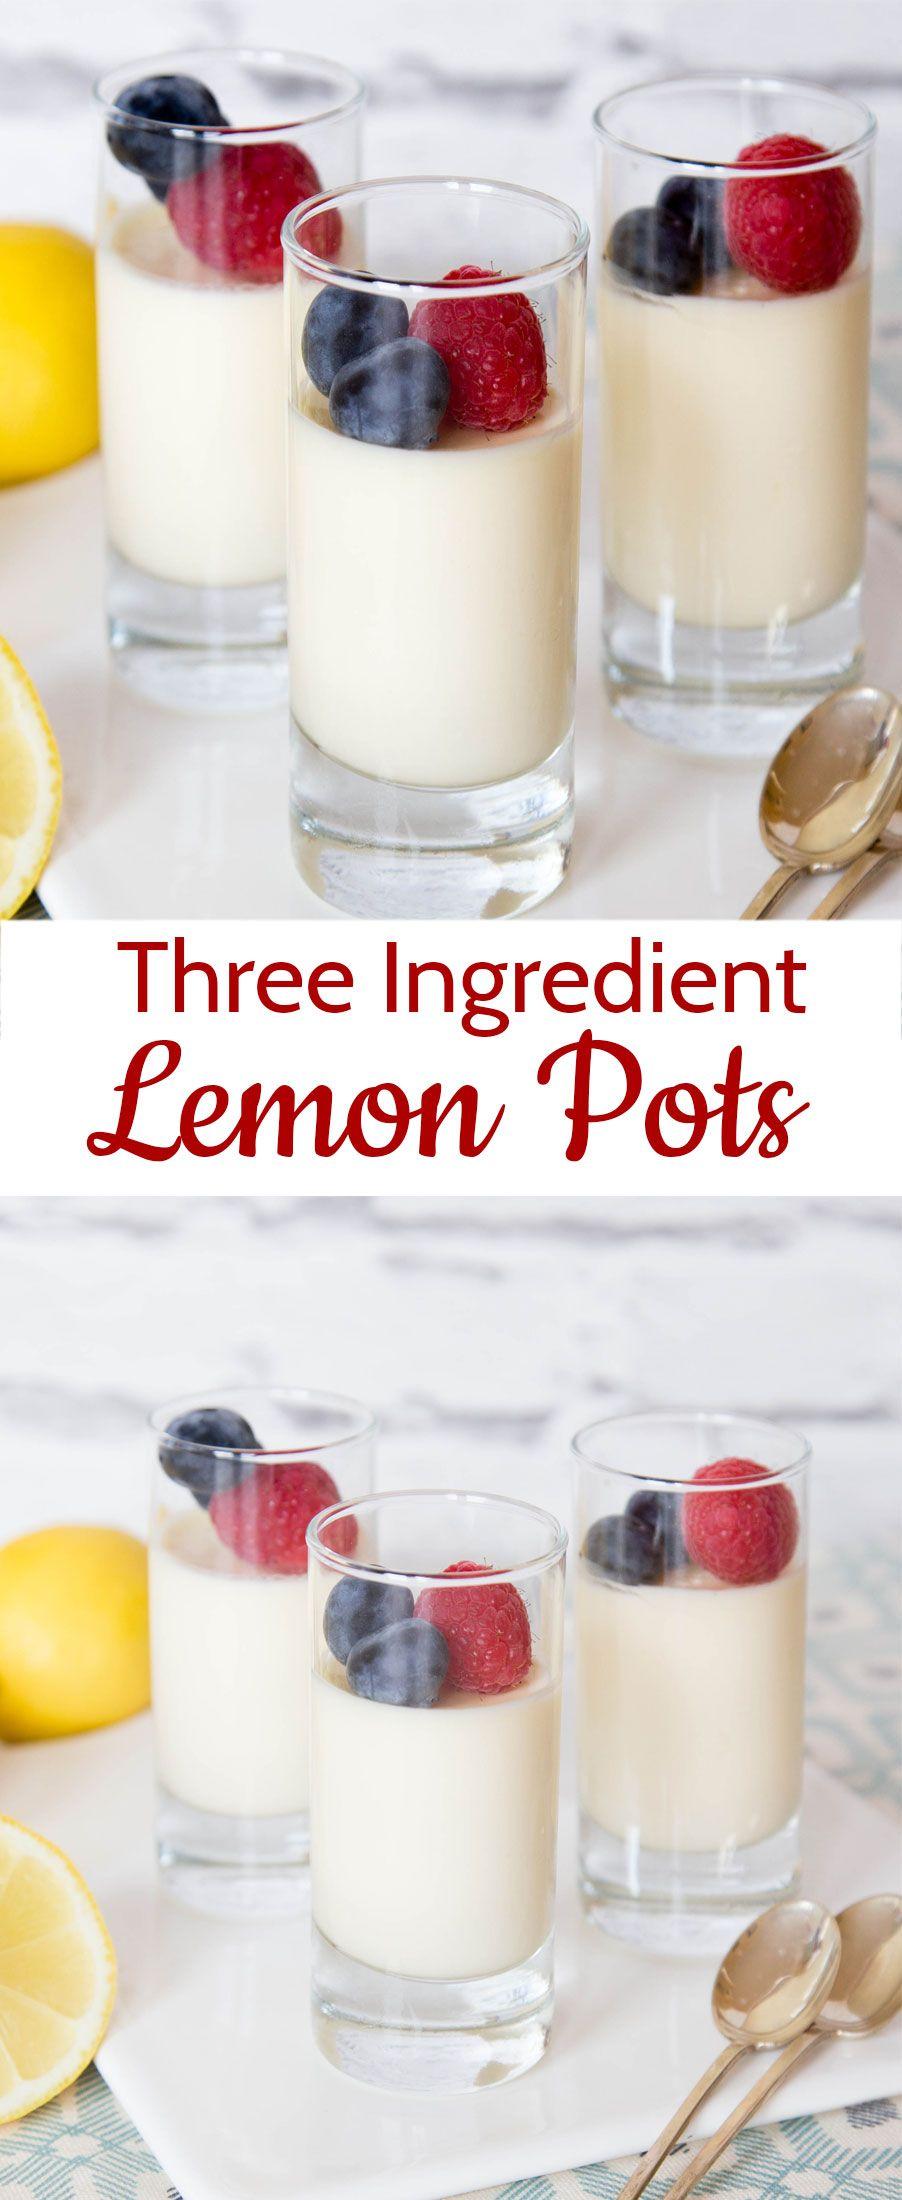 Simple Dessert Ideas For Dinner Party Part - 37: Lemon Posset Recipe (3 Ingredient Lemon Pots). Homemade DessertsEasy  DessertsBaking DessertsEasy Dinner Party ...